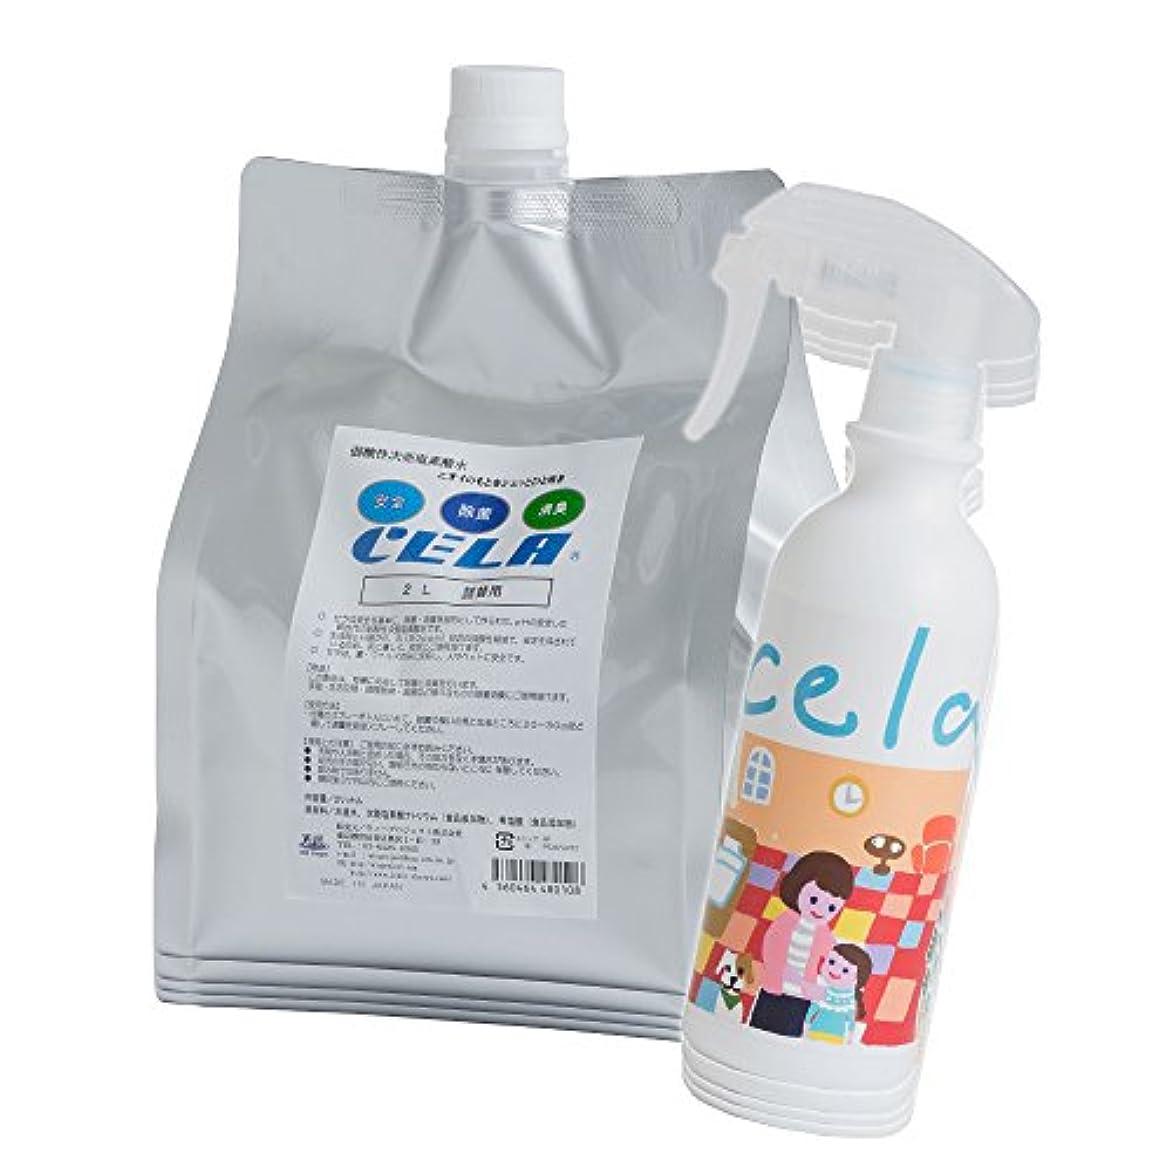 原油成長する四分円弱酸性次亜塩素酸水【CELA(セラ)】300ミリリットルスプレーボトル&2リットル詰め替え用アルミパックセット